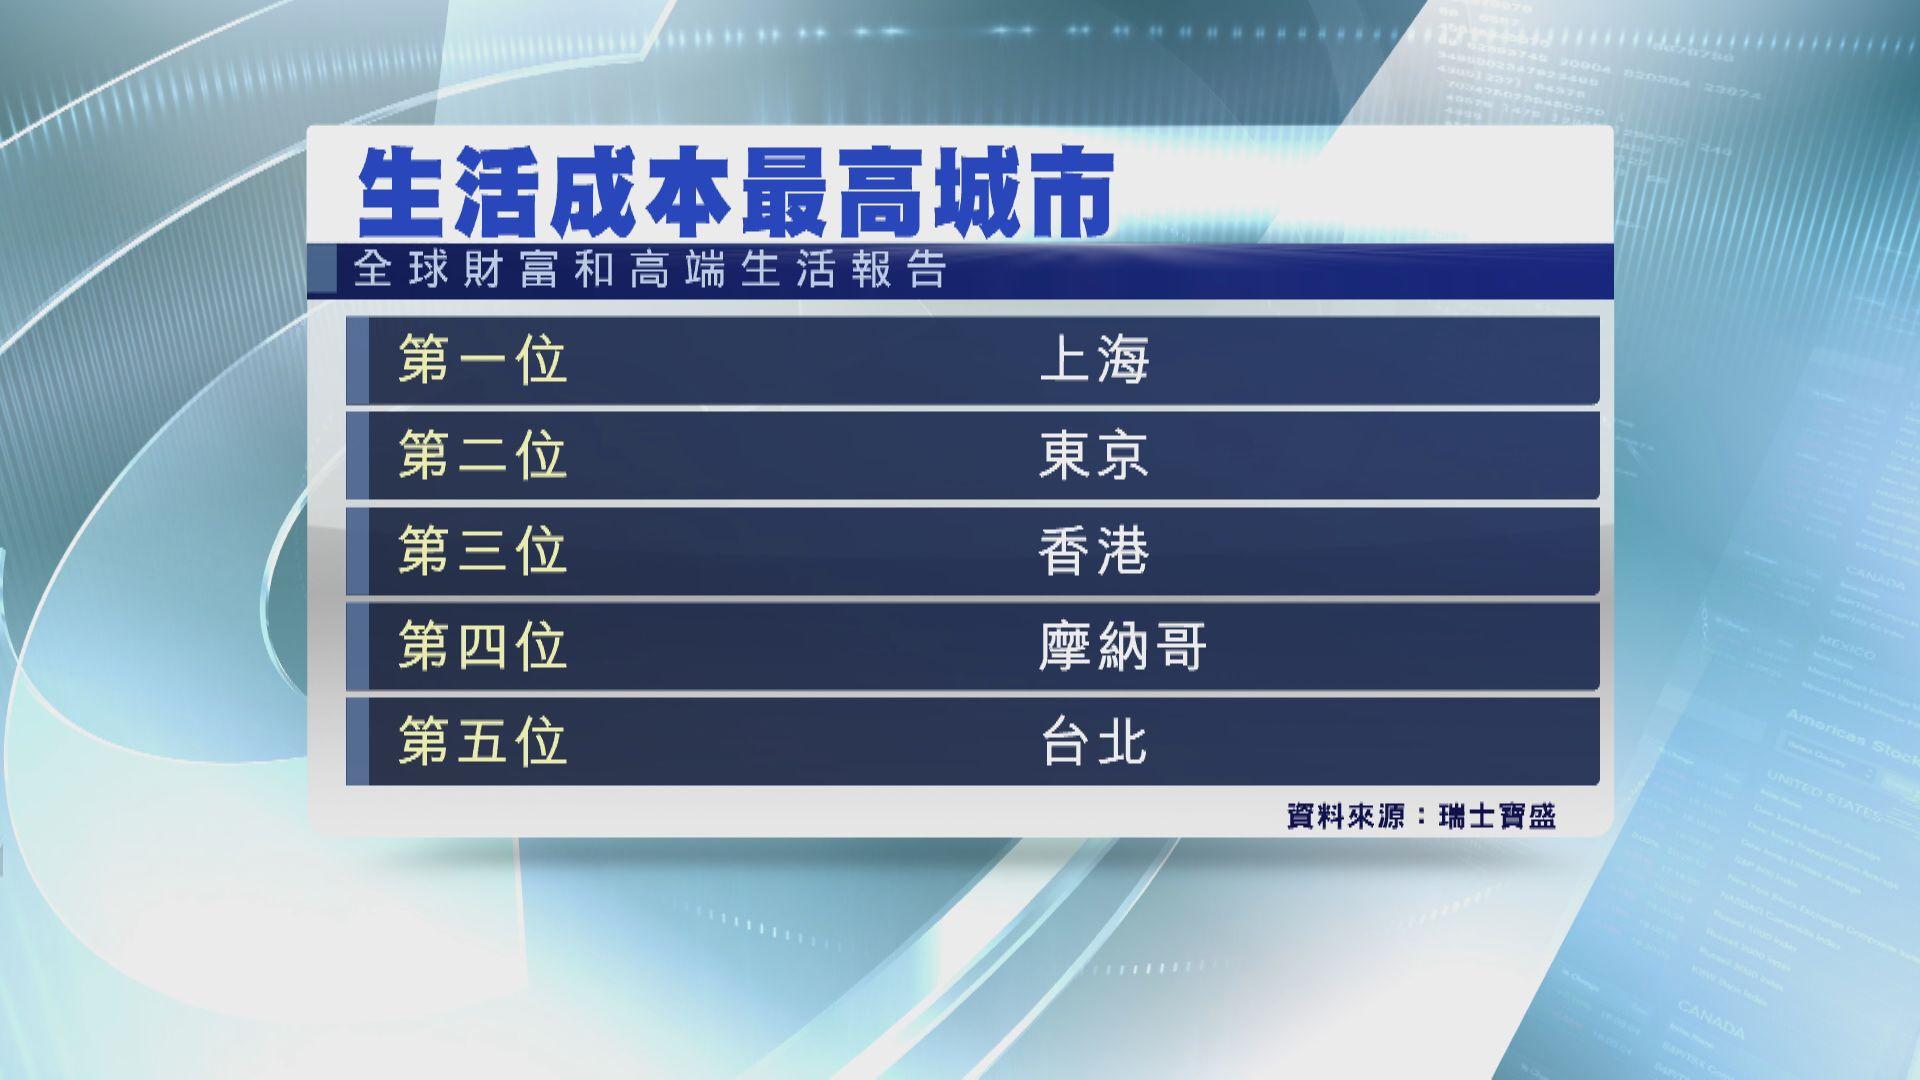 上海成全球生活成本最高城市